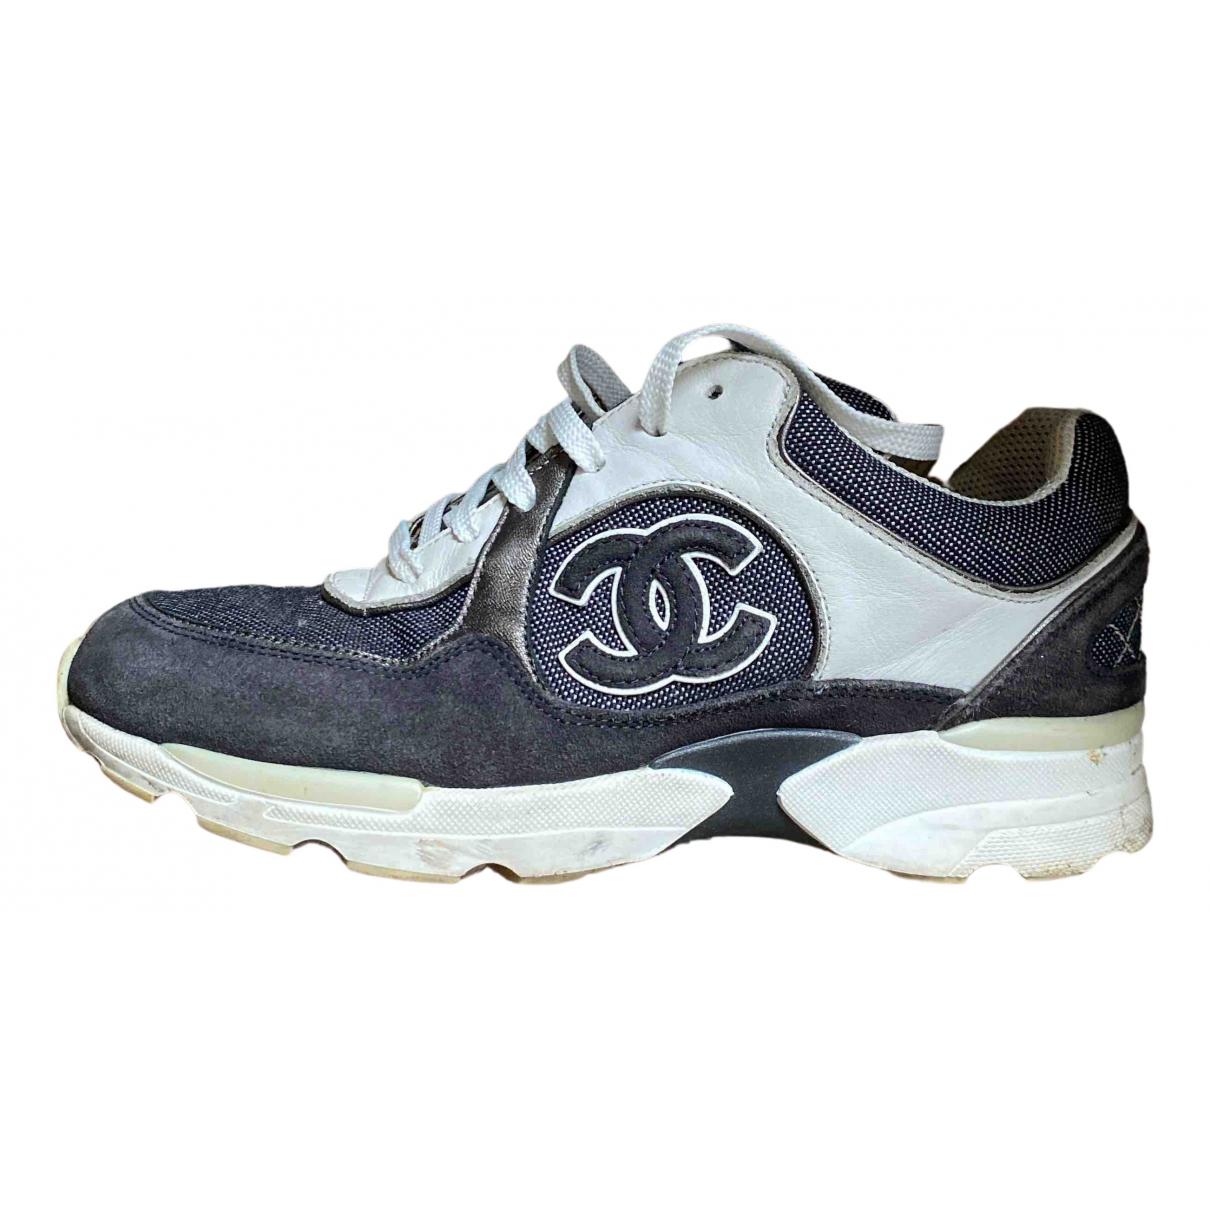 Chanel \N Sneakers in  Grau Veloursleder